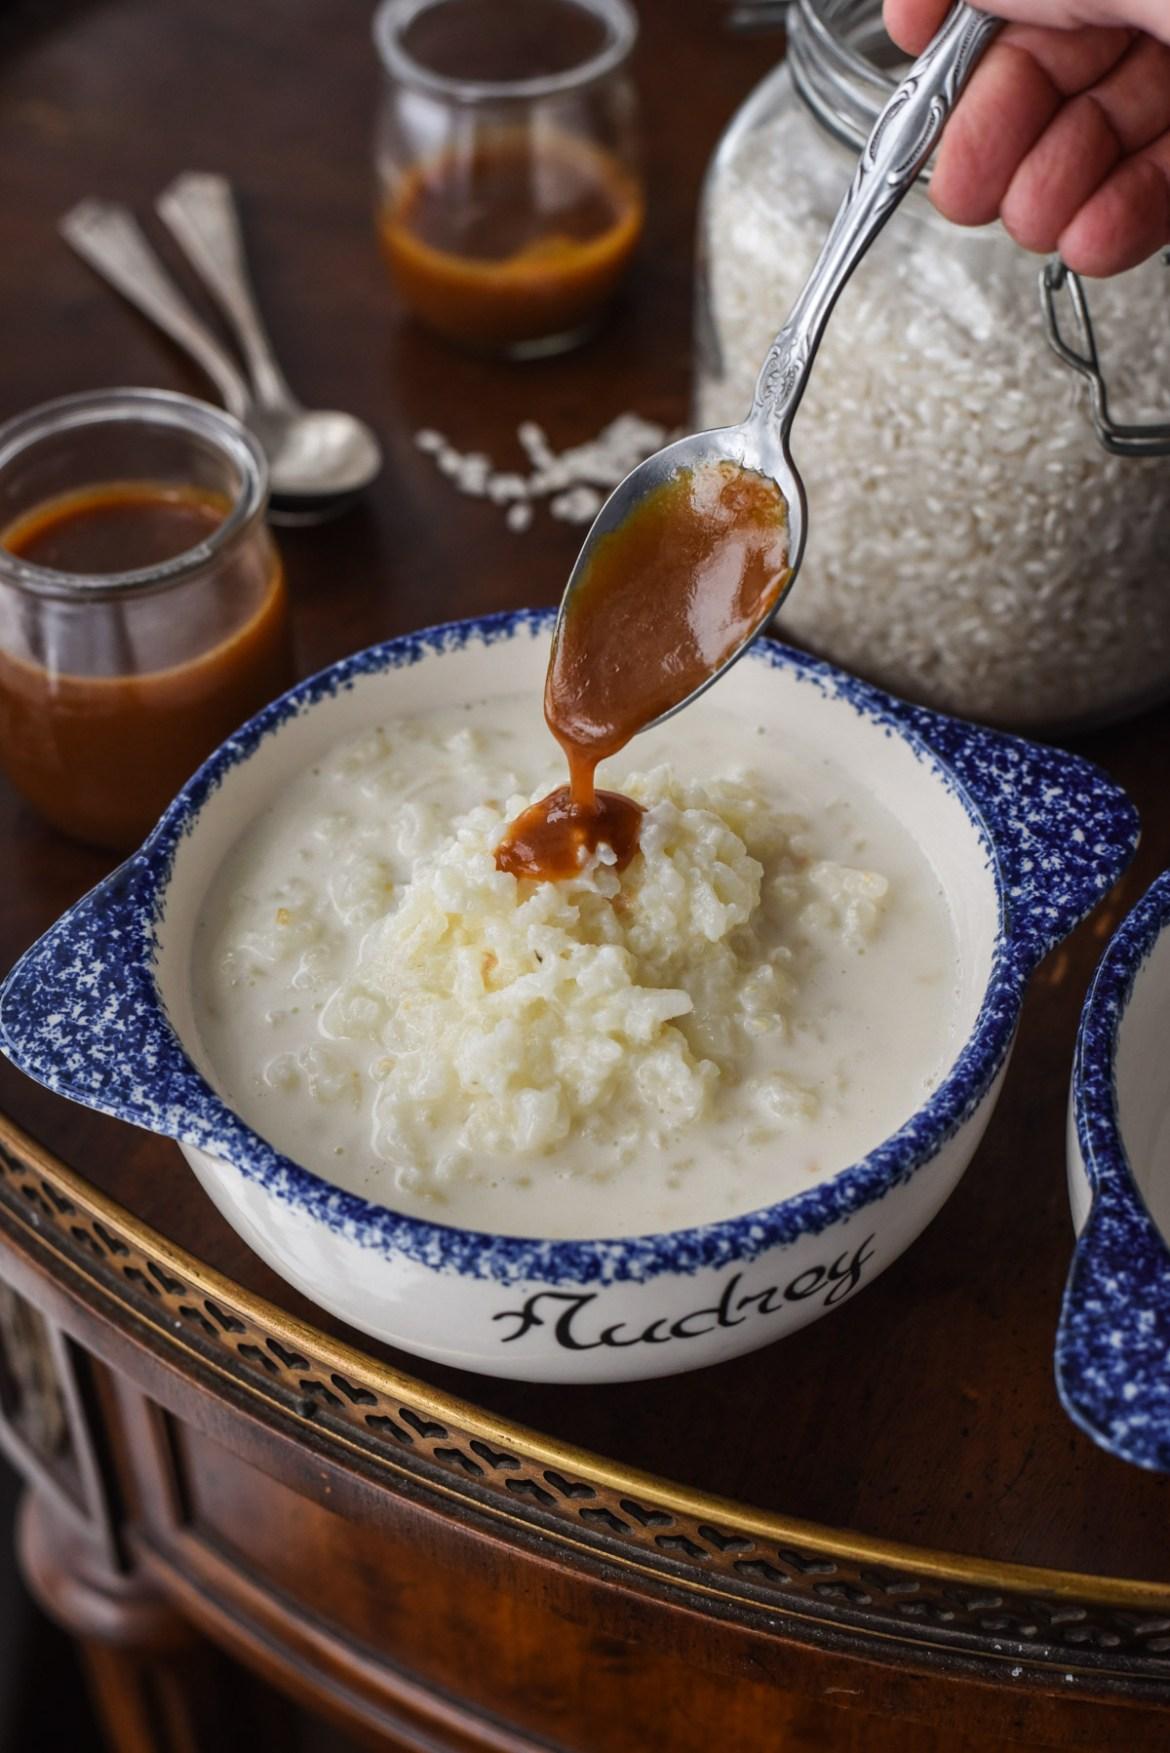 Riz au Lait with Caramel Sauce